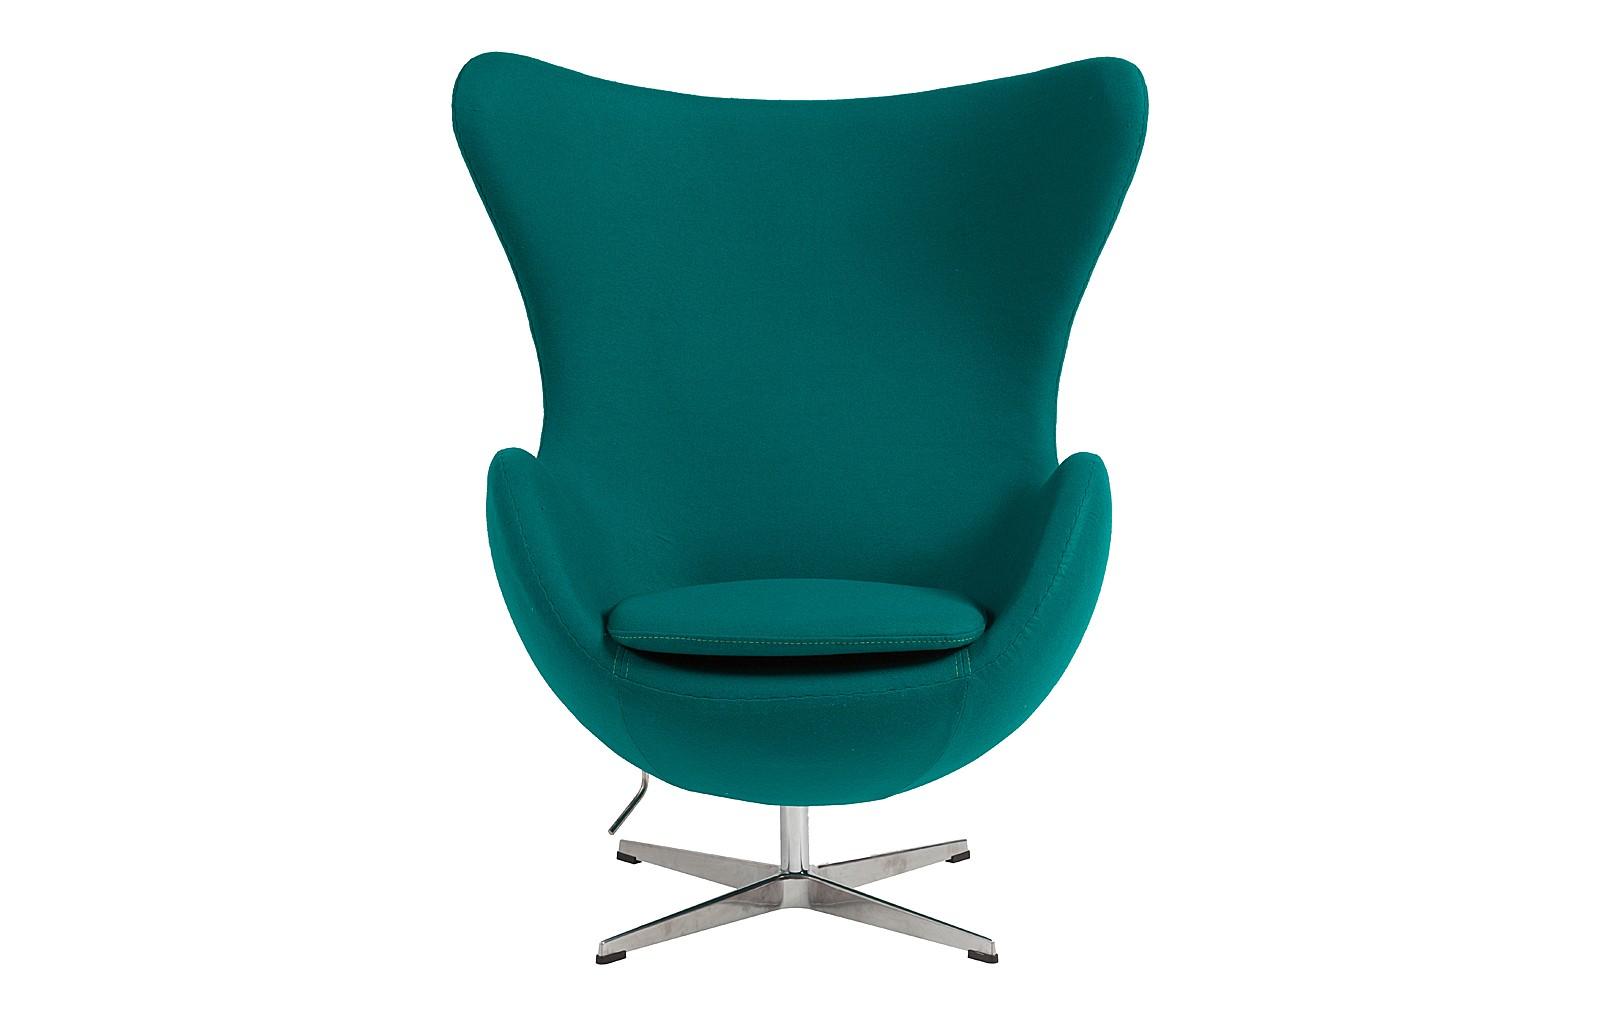 Кресло Egg ChairКресла с высокой спинкой<br>Кресло &amp;amp;nbsp;&amp;quot;Egg Chair&amp;quot; — интерьерная классика датского архитектора Арне Якобсена. Эта икона стиля претендует на роль не только стильного предмета, сколько на место друга в обстановке. Его капсульная форма и плавные линии способствуют уединению и самозабвению: в нем как в объятьях любимого человека &amp;amp;nbsp;хочется остаться как можно дольше.<br><br>Material: Кашемир<br>Width см: 76<br>Depth см: 82<br>Height см: 105